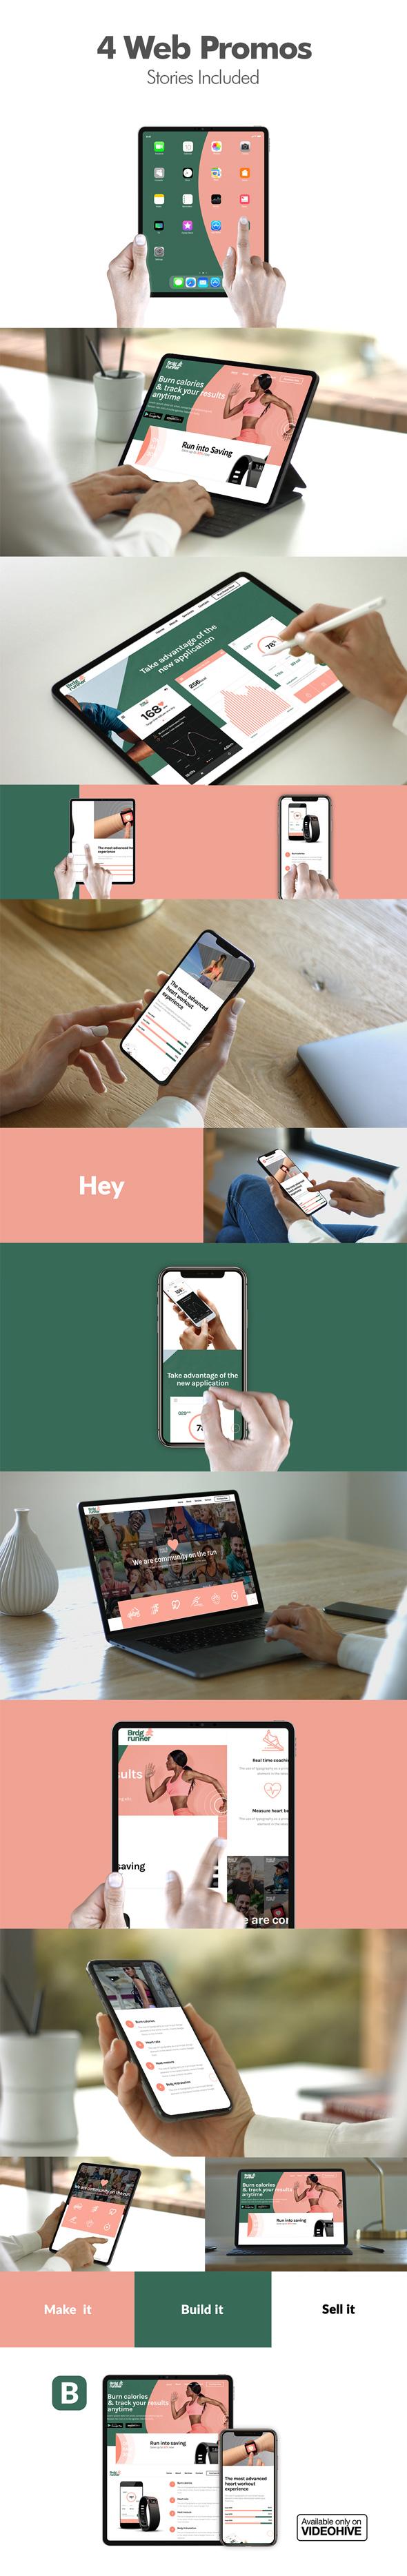 实拍视频素材iPad Pro/iPhone XI手势操作屏幕界面扣像合成第四季AE模板